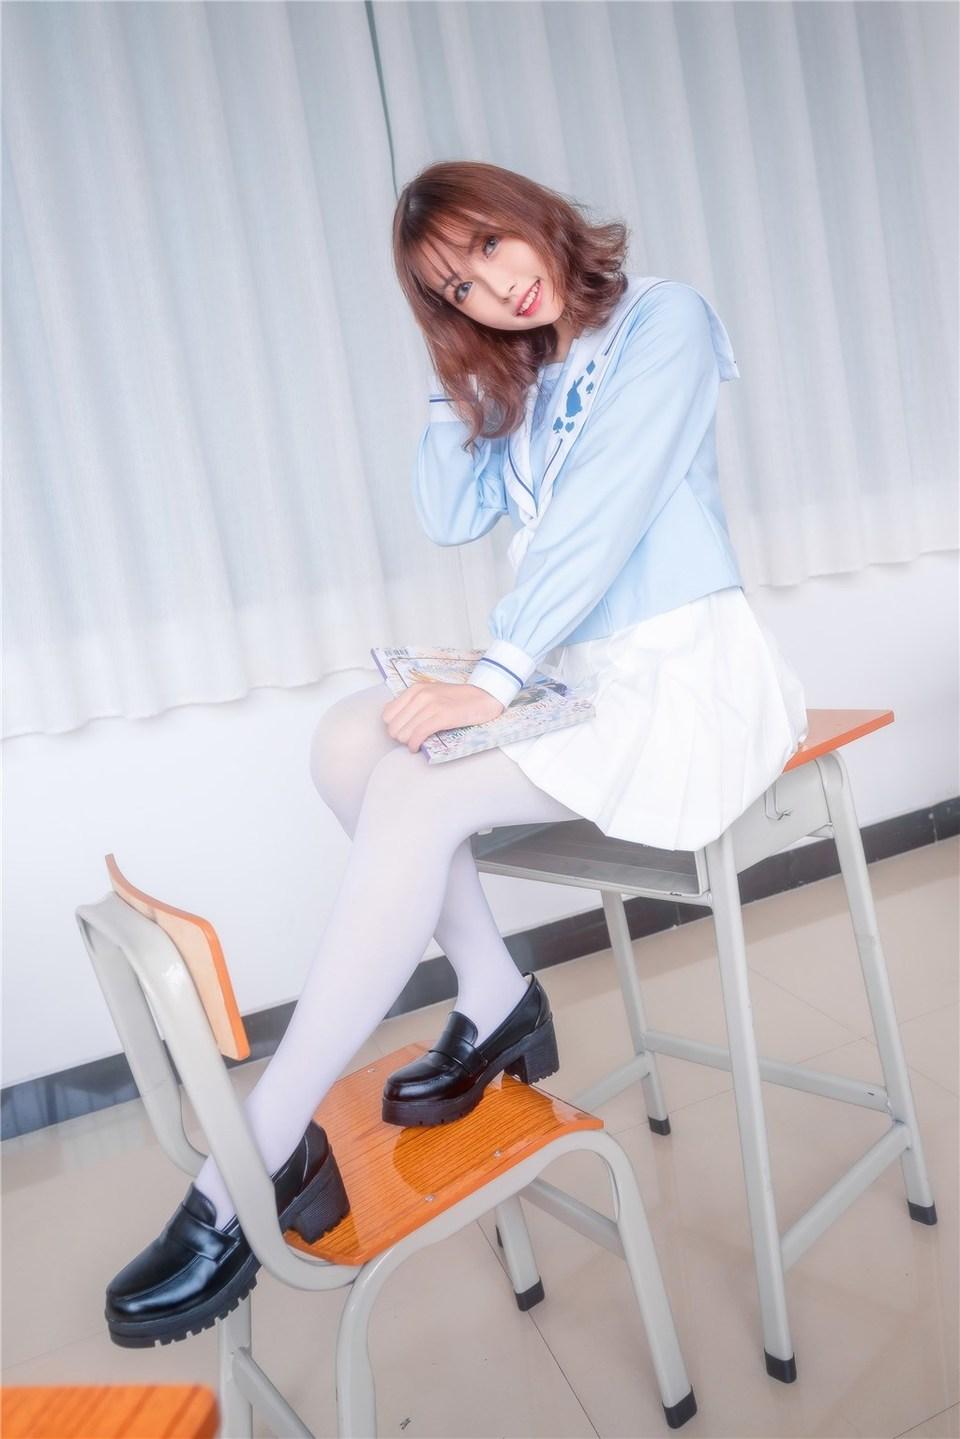 少女写真@元气学姐 [43P]